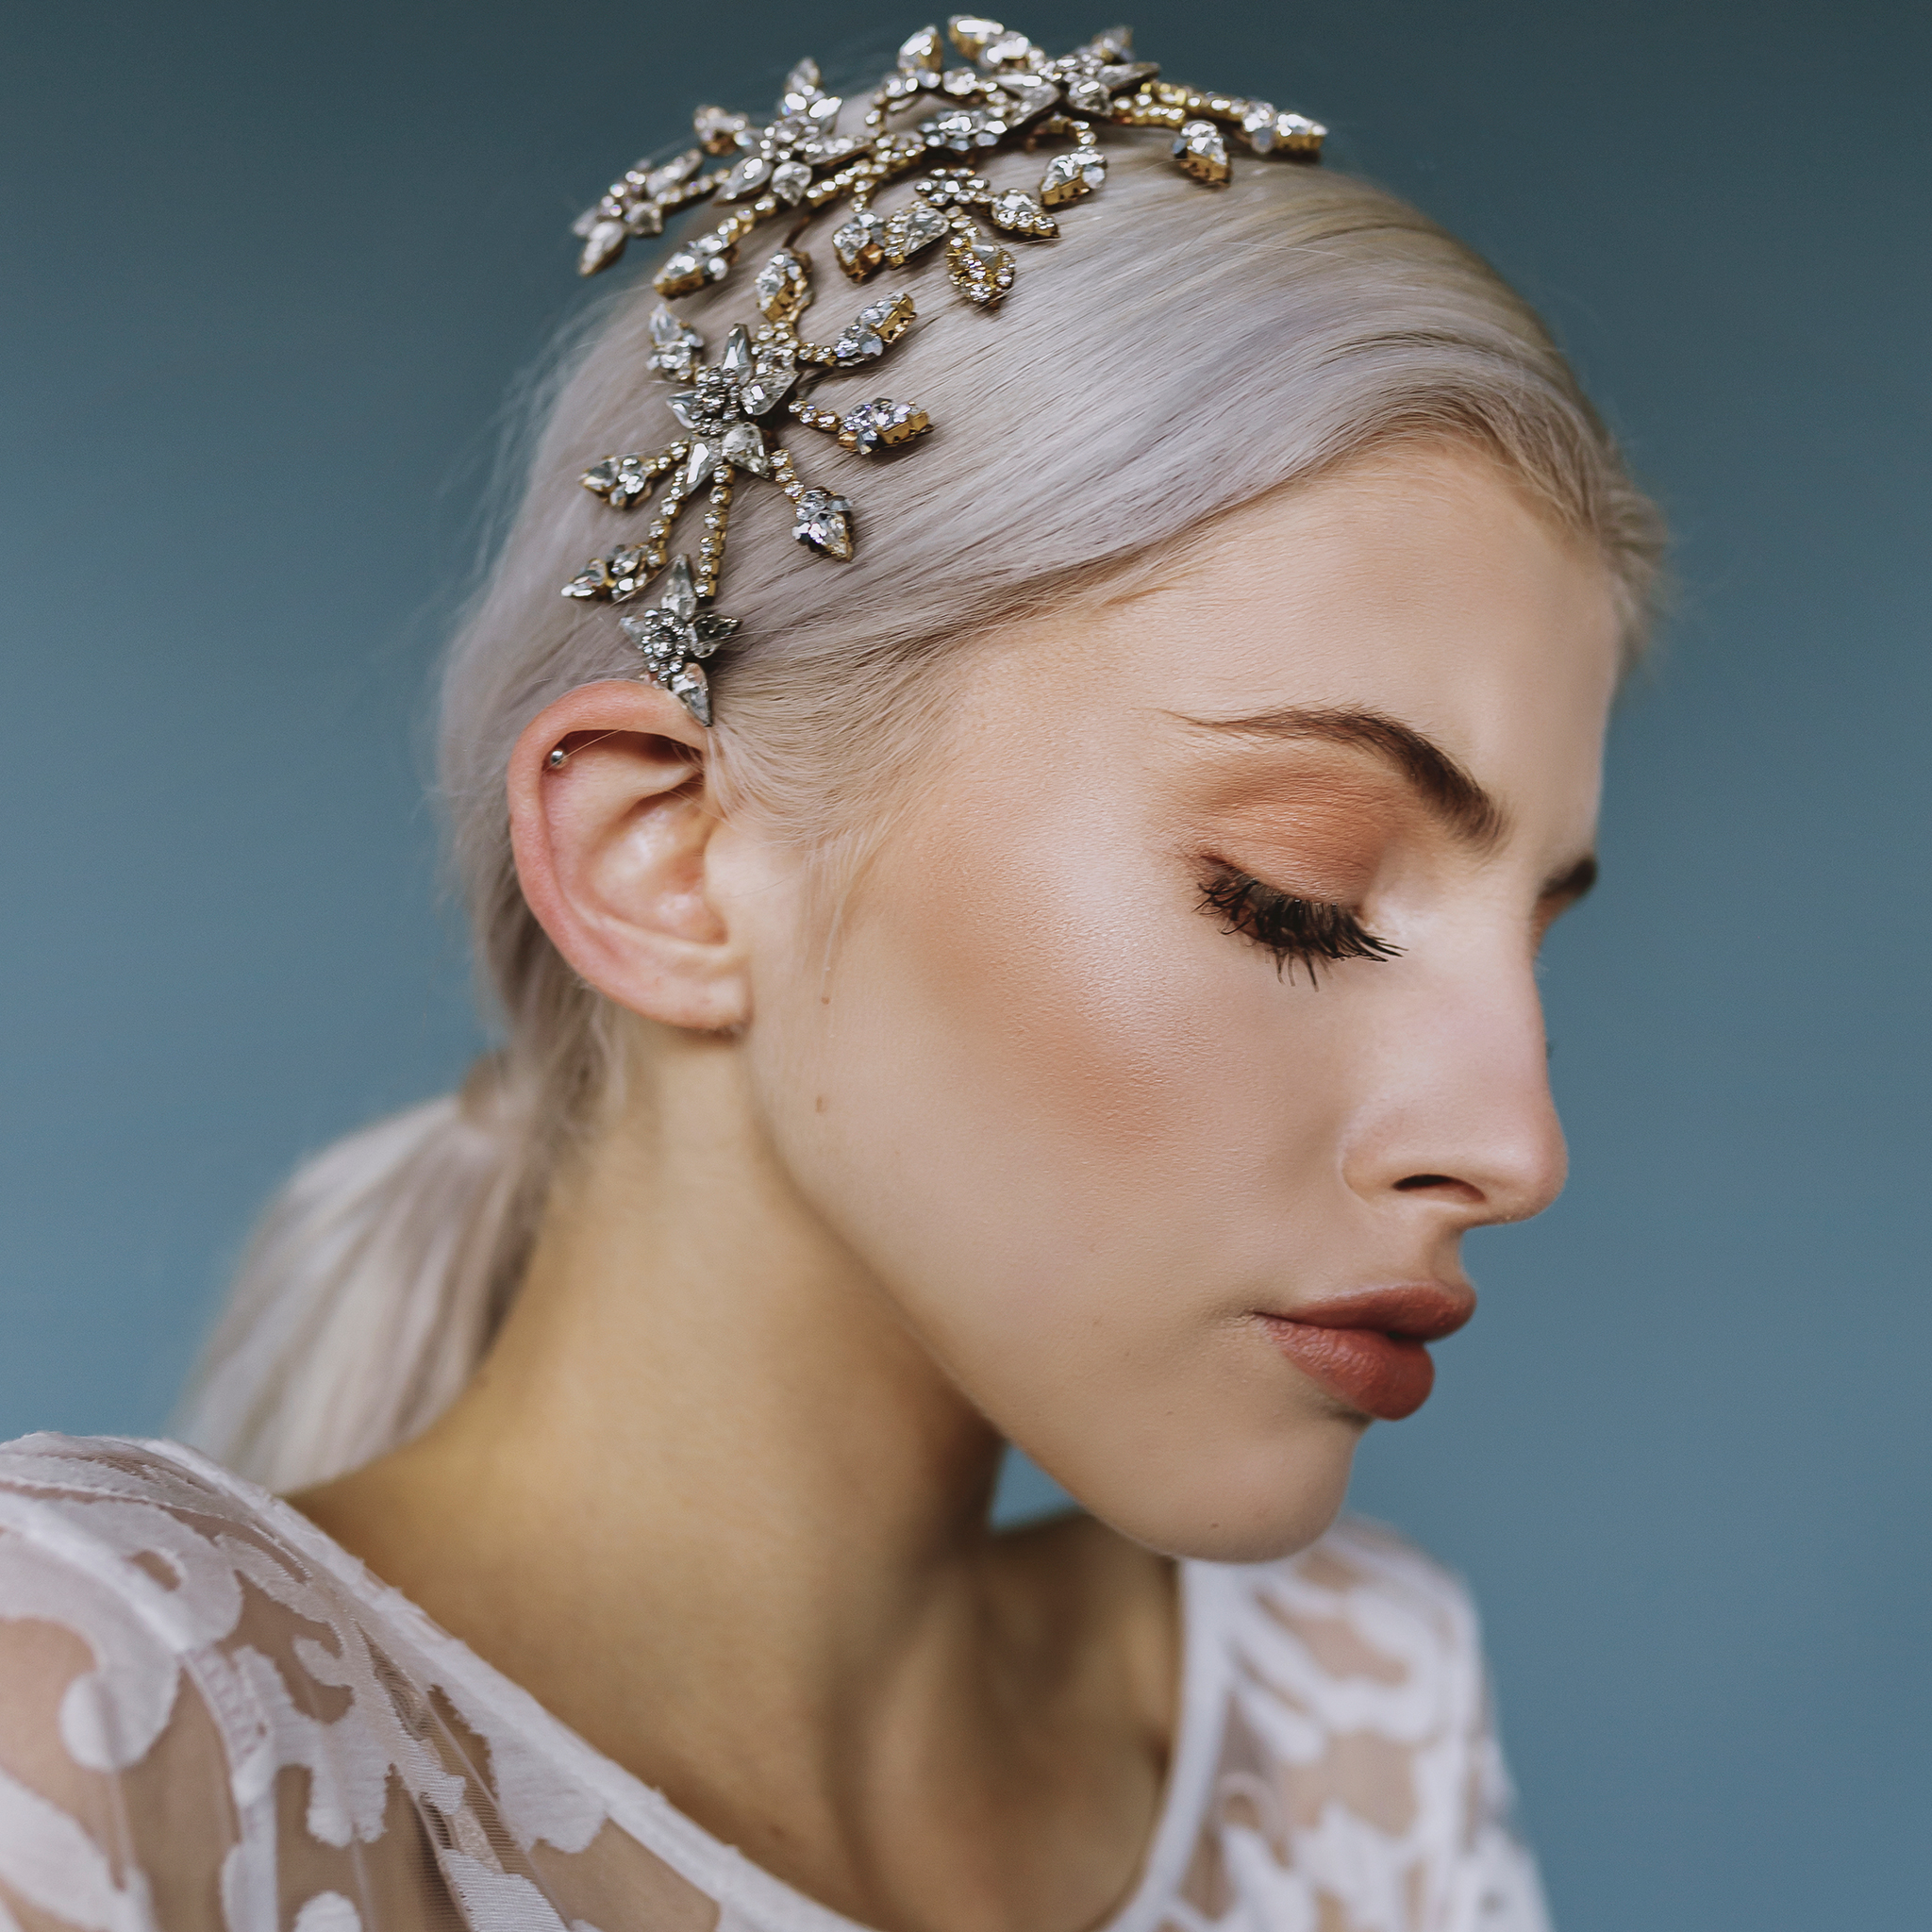 Accessoires cheveux mariée Genève Muse halo&Co peigne serre-tête tiare couronne diadème diamant silver argent brillant cristaux